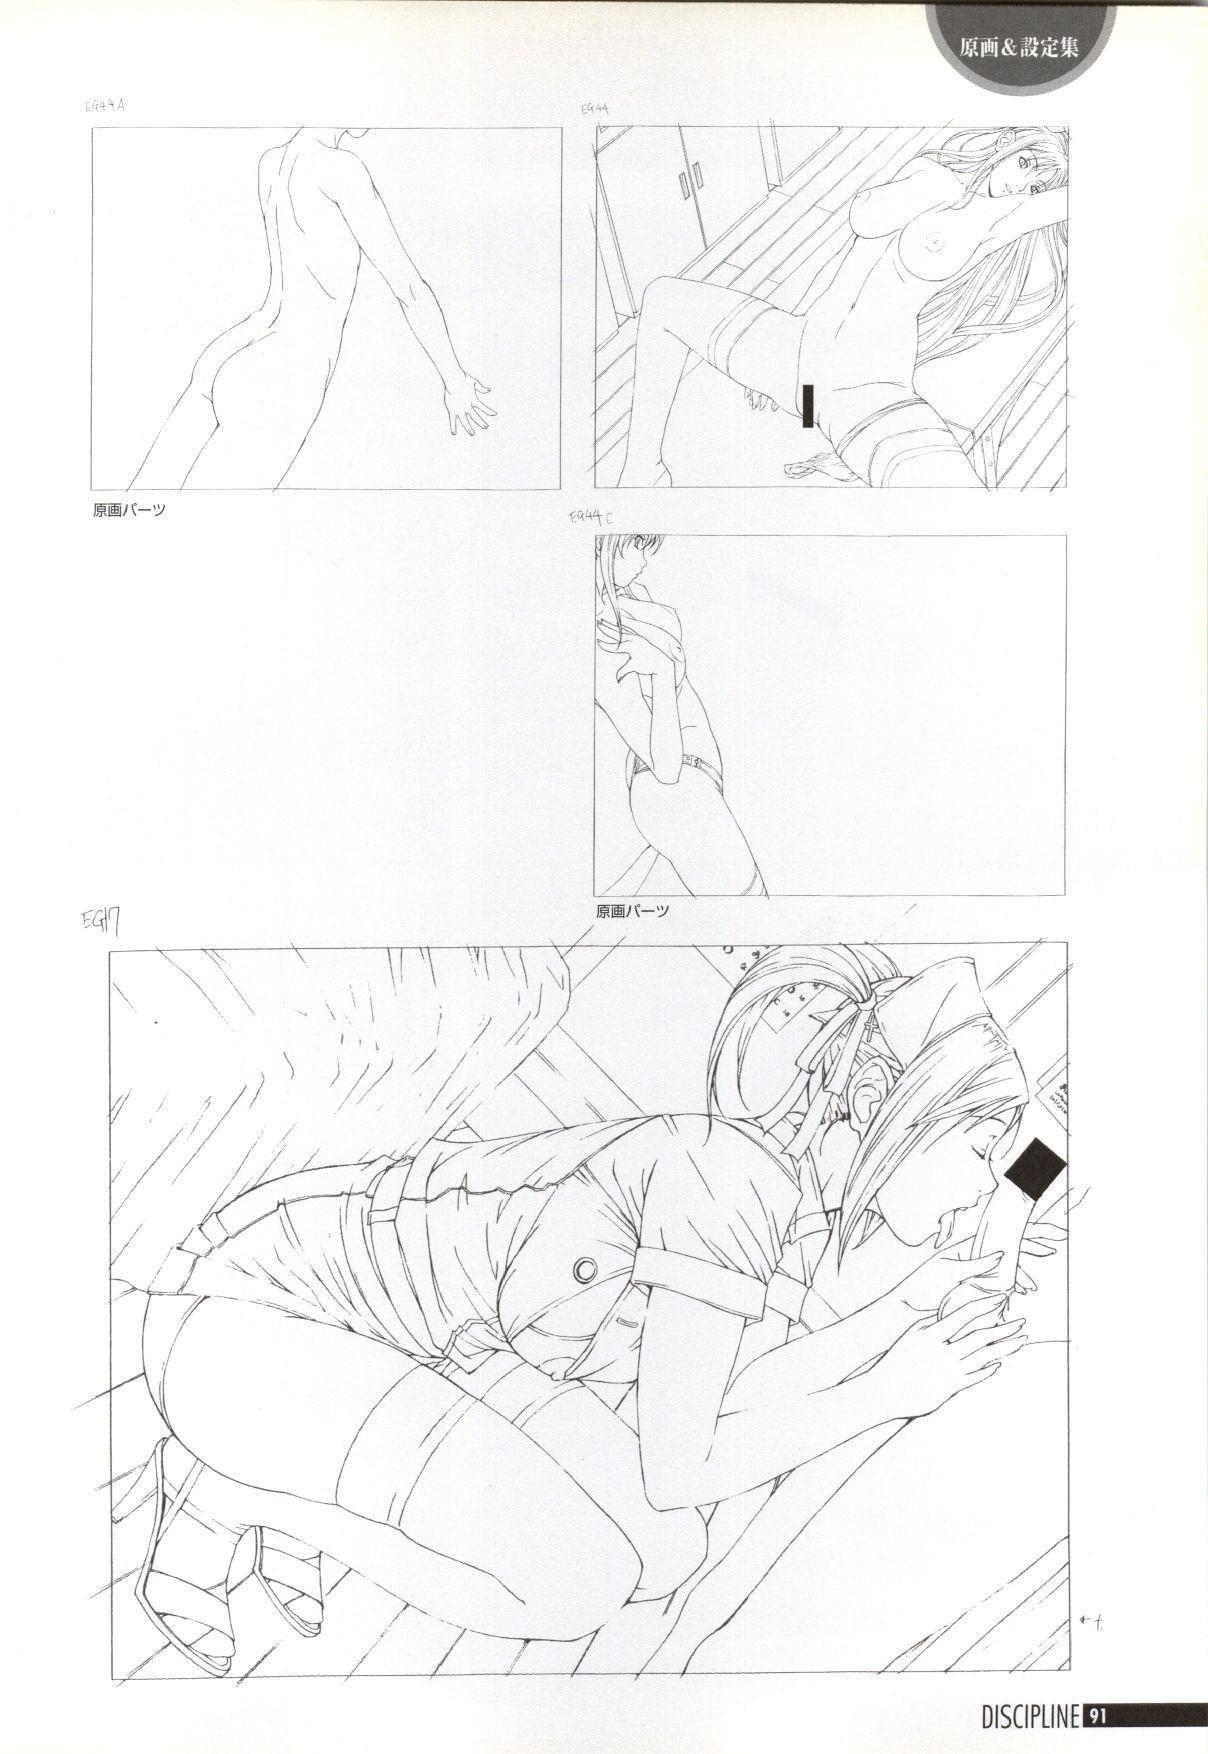 Discipline Artbook 91